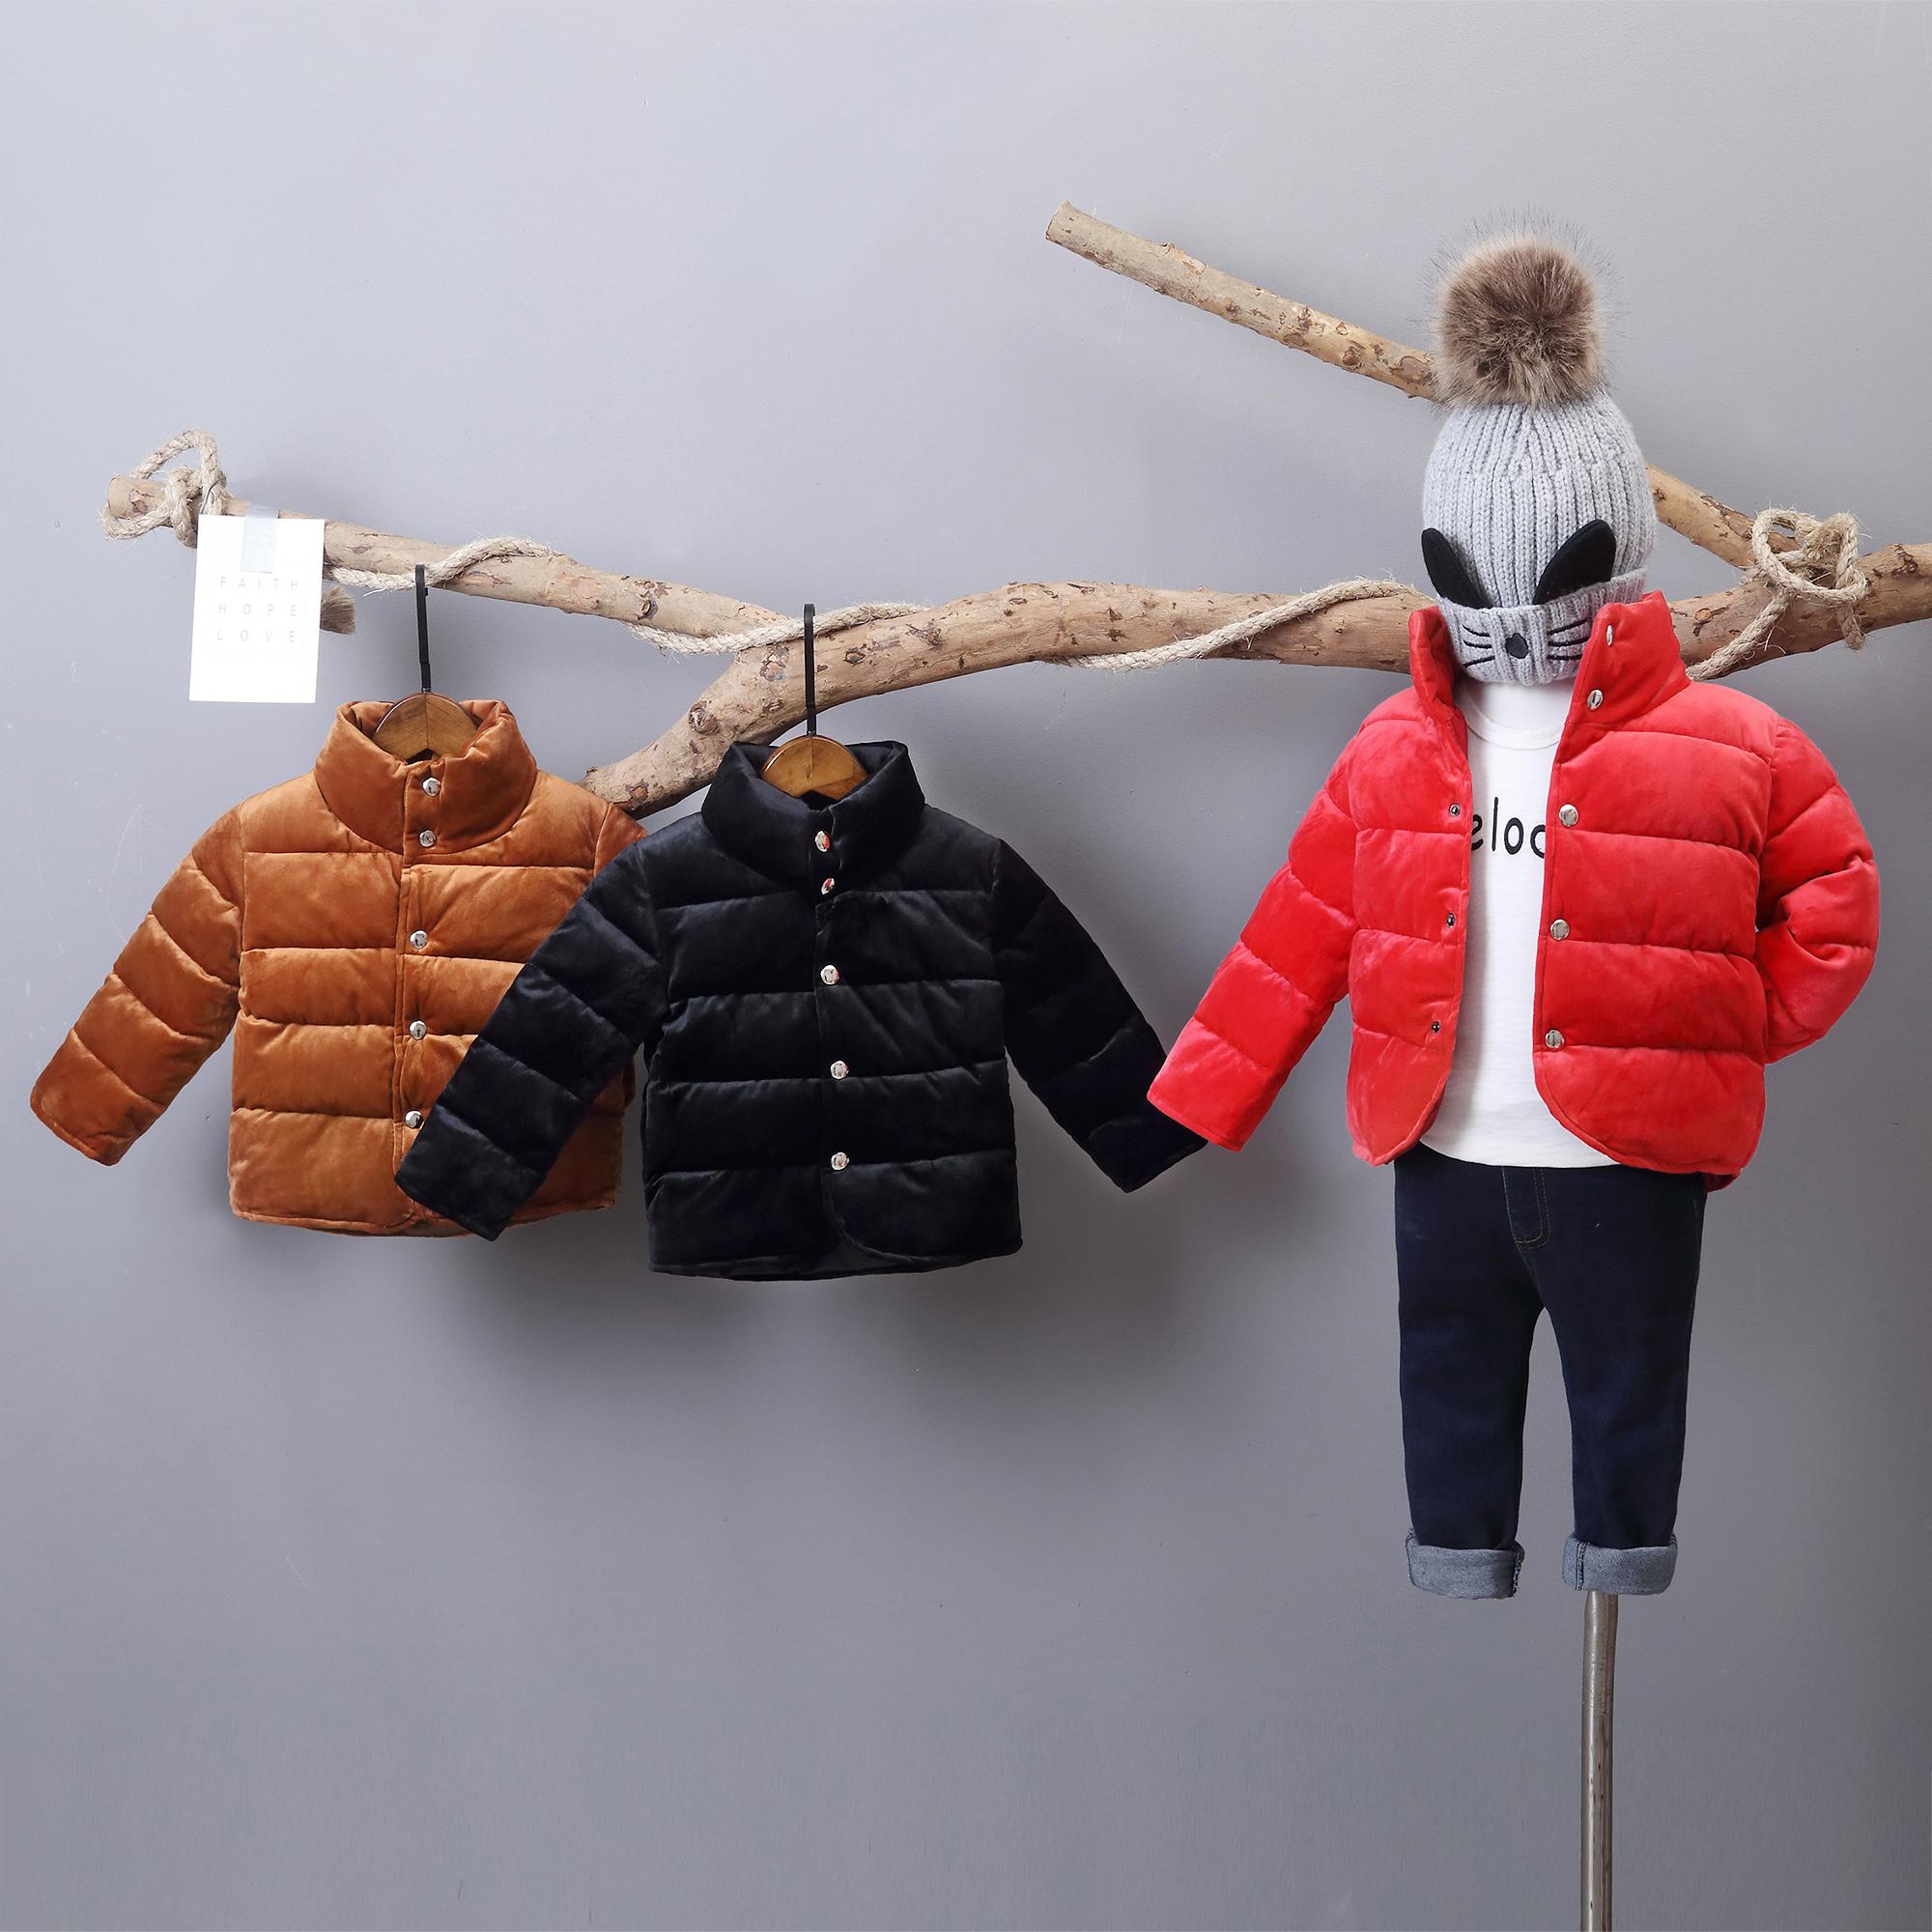 秋冬儿童金丝绒棉外套 中小童棉服 男童女童宝宝立领保暖棉衣加厚